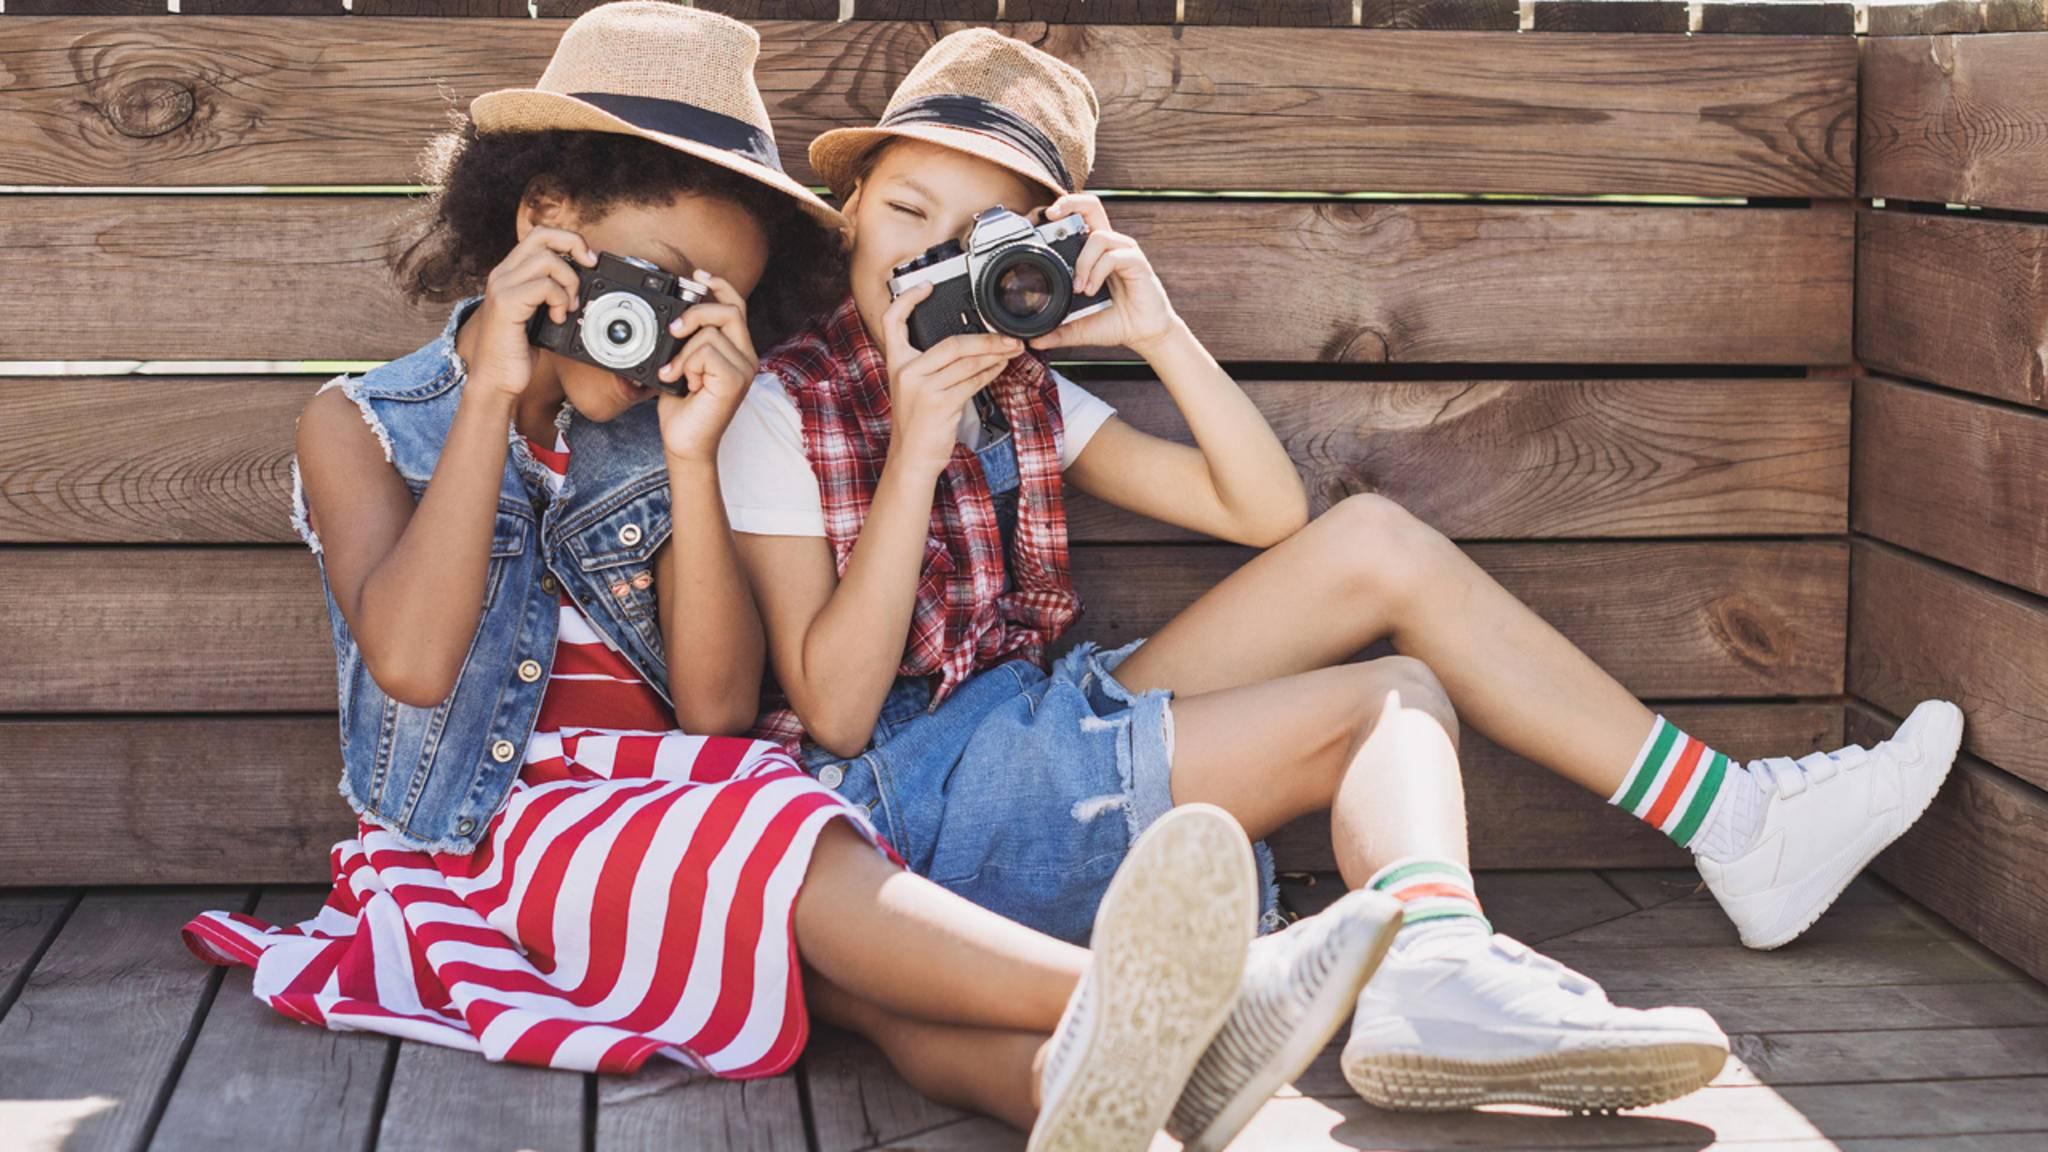 Kinder lieben es, sich mit einer geeigneten Kamera kreativ auszutoben.